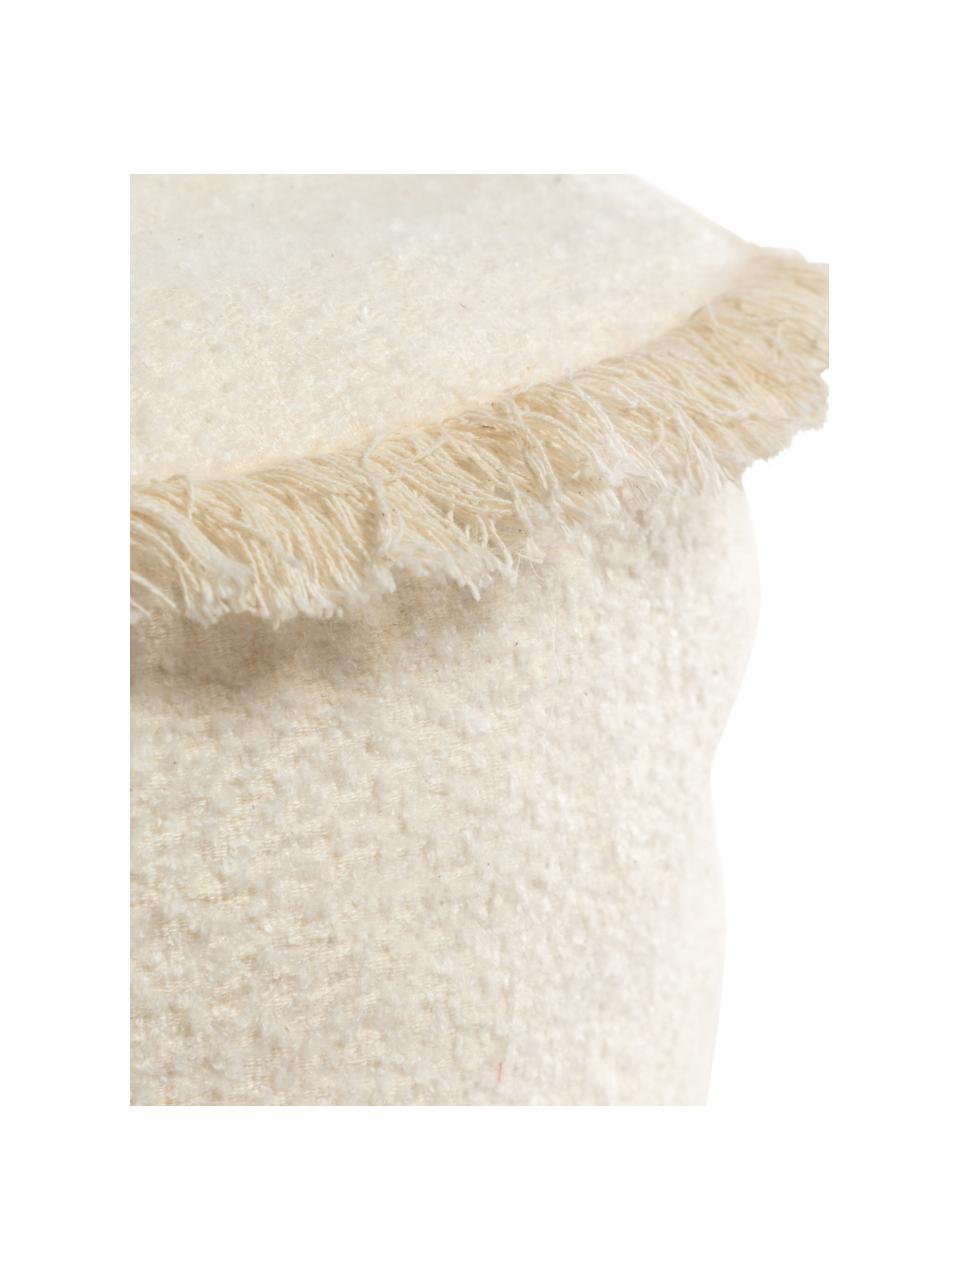 Kinder-Baumwollpouf Verenice, 100% Baumwolle, Beige, Ø 40 x H 27 cm